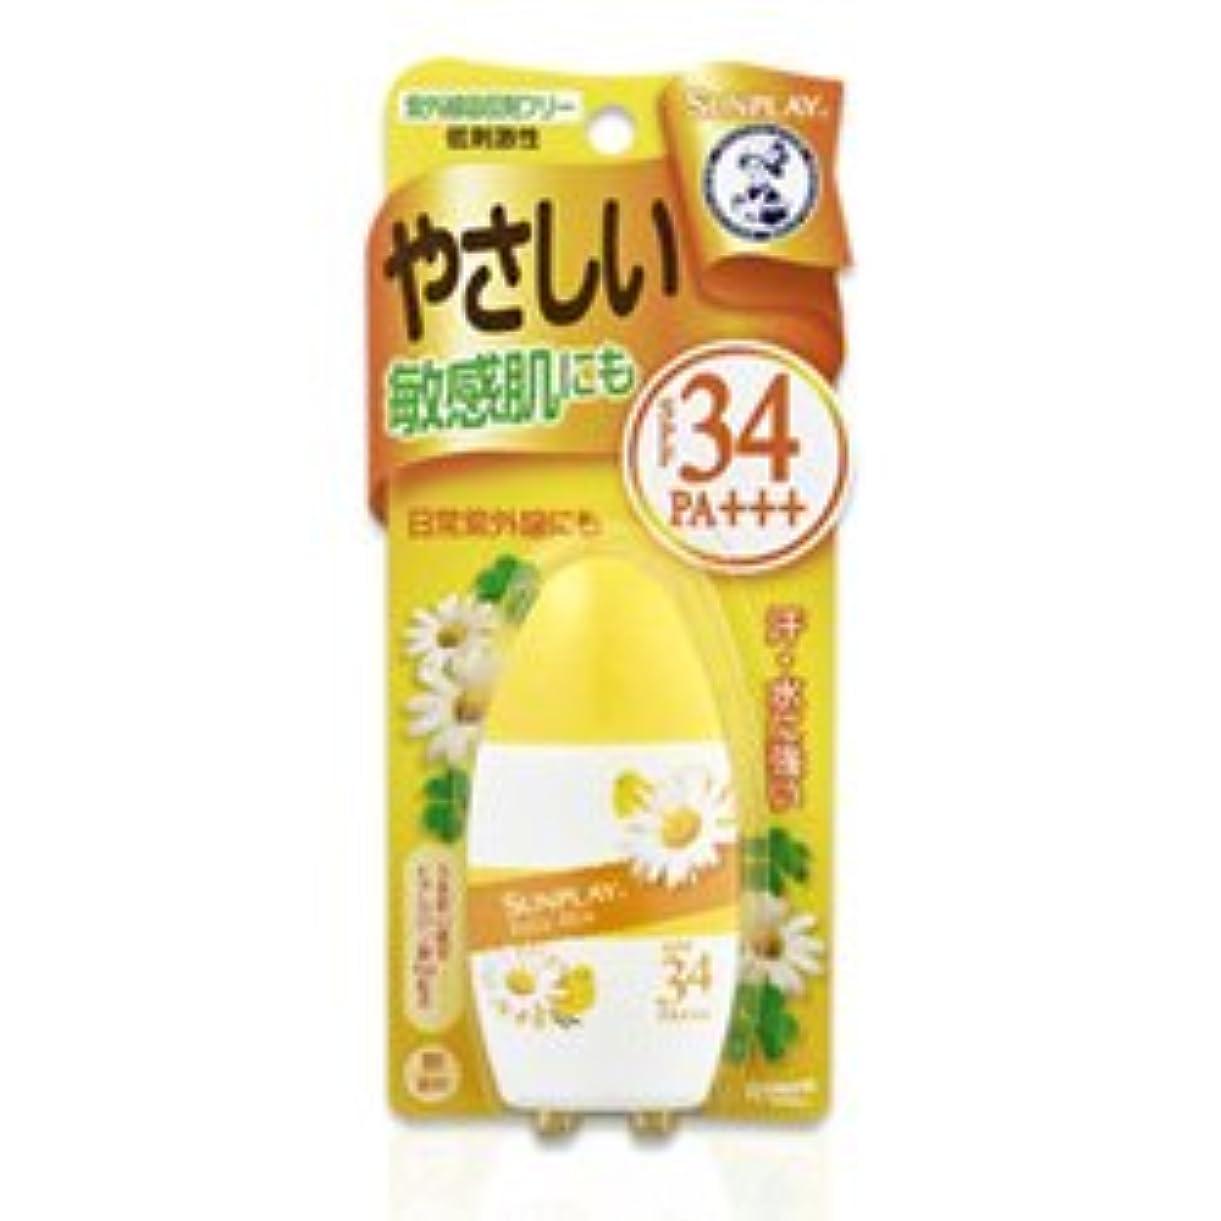 速記面倒構成する【ロート製薬】メンソレータム サンプレイ ベビーミルク 30g ×5個セット